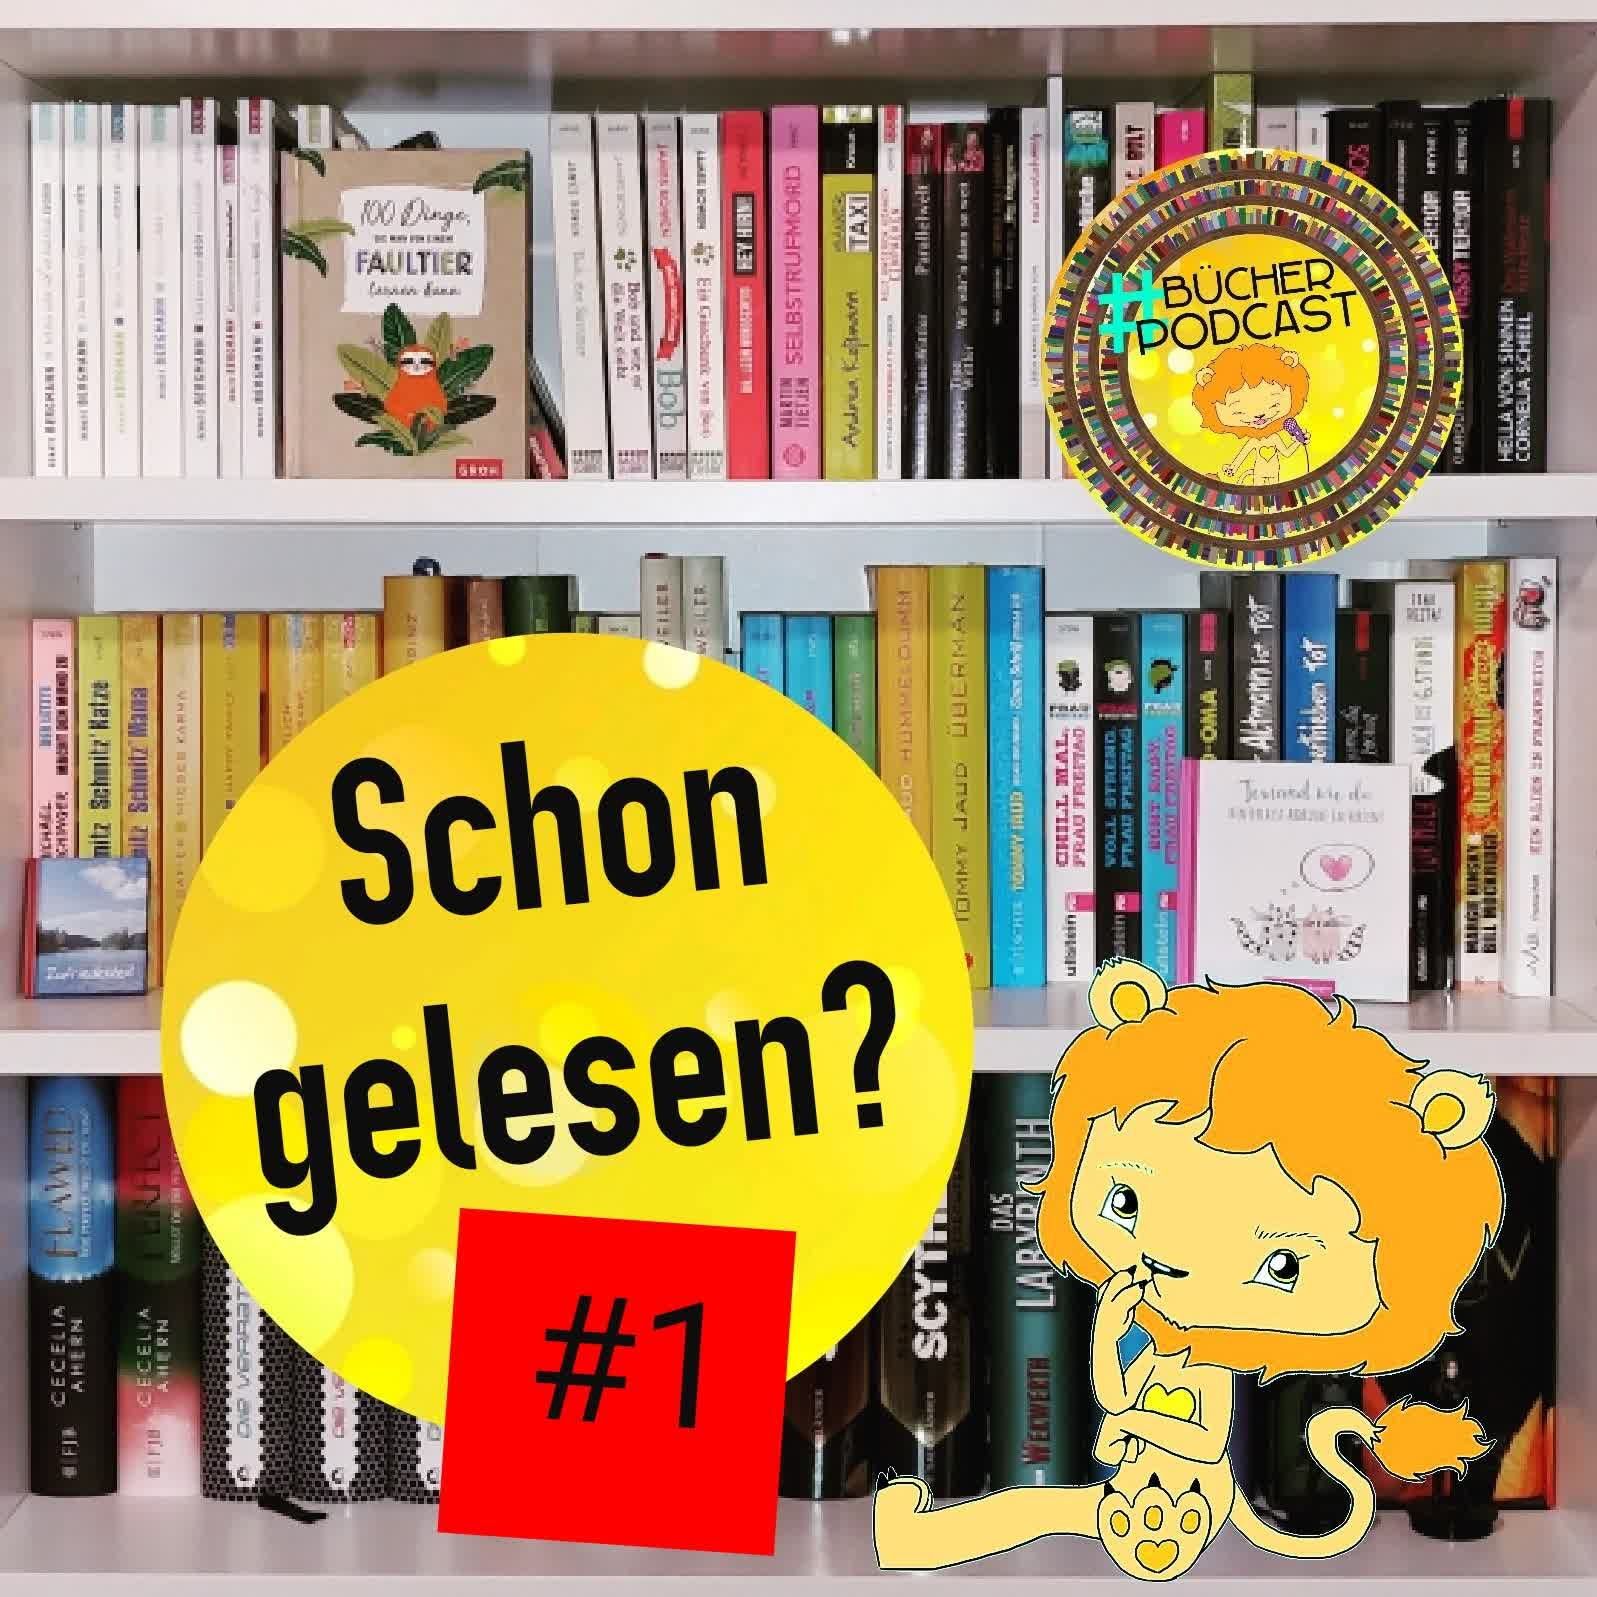 Schon gelesen? #1